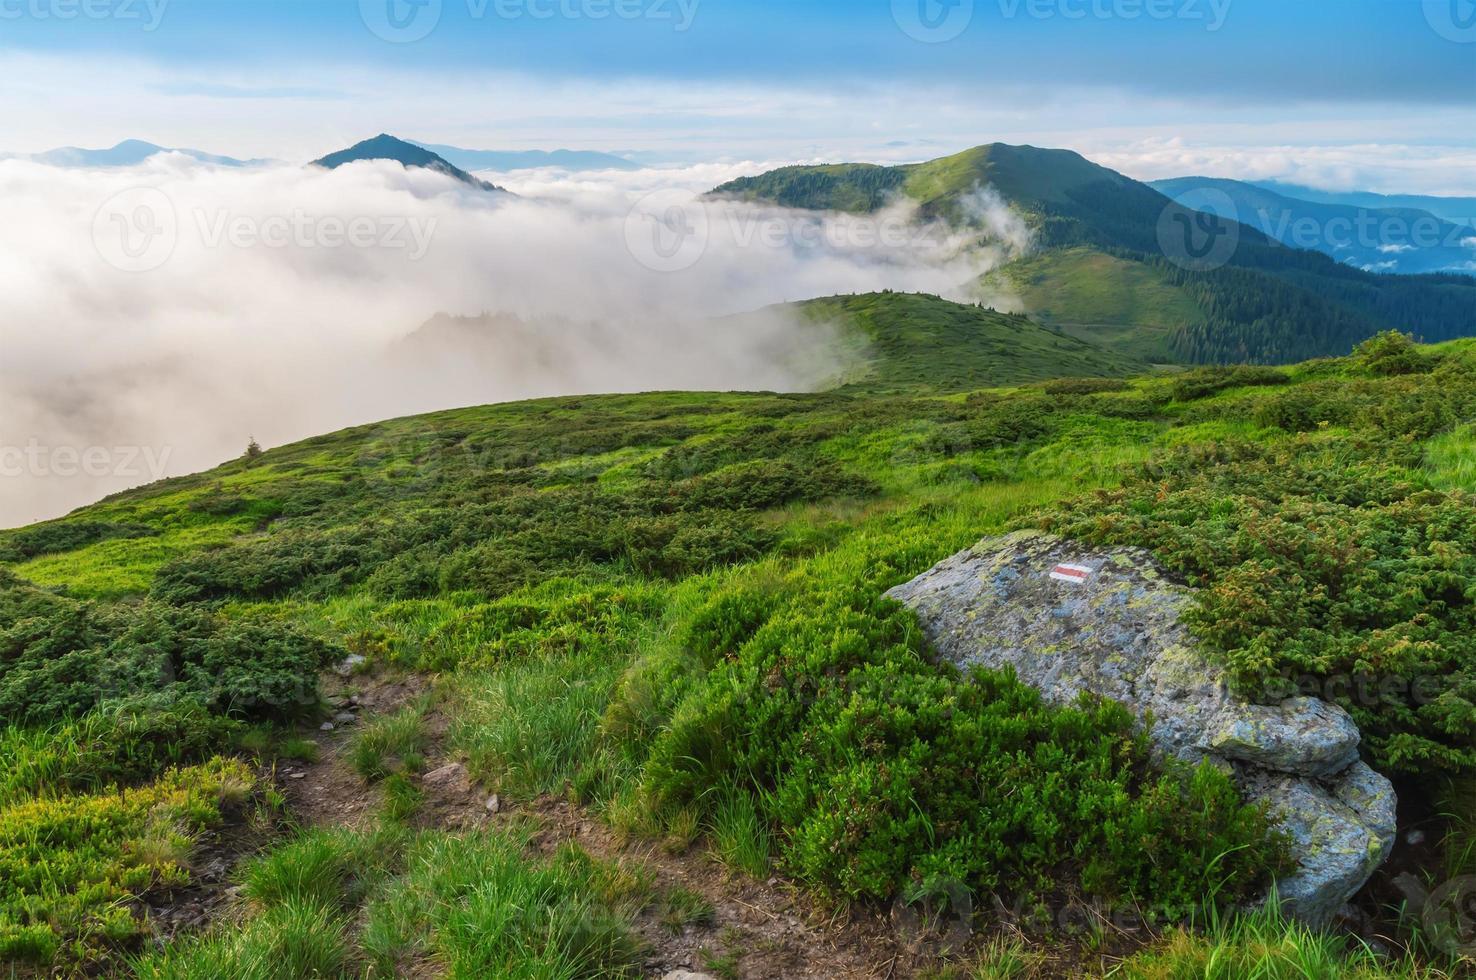 Nebel im Berg foto